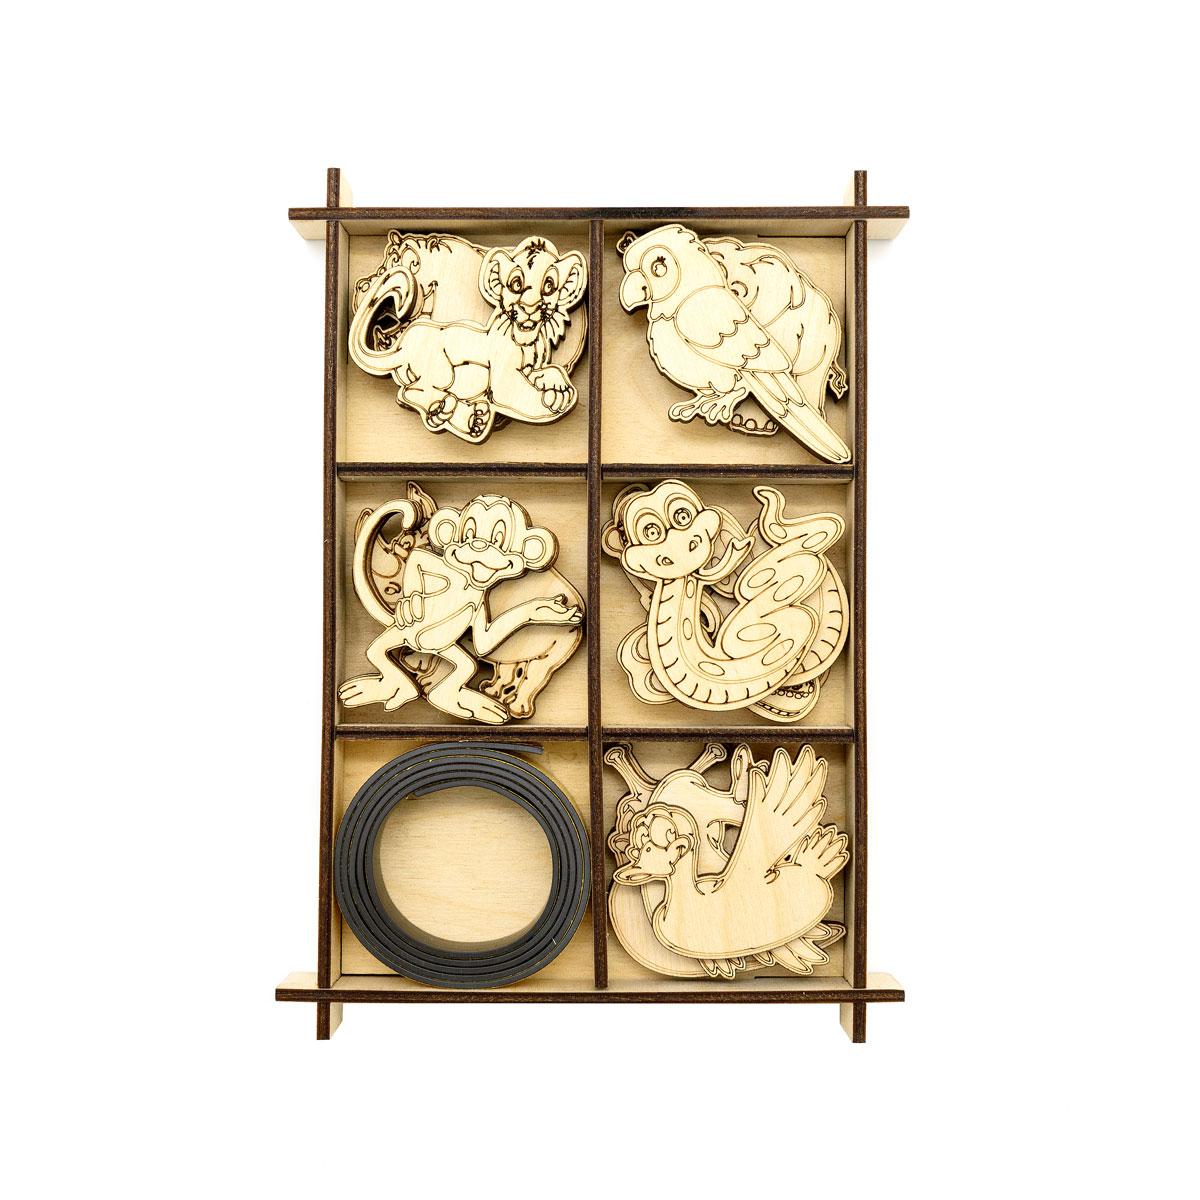 L-1451 Деревянная заготовка ' Набор животных ' с магнитом 14,2*20*1,9см Астра